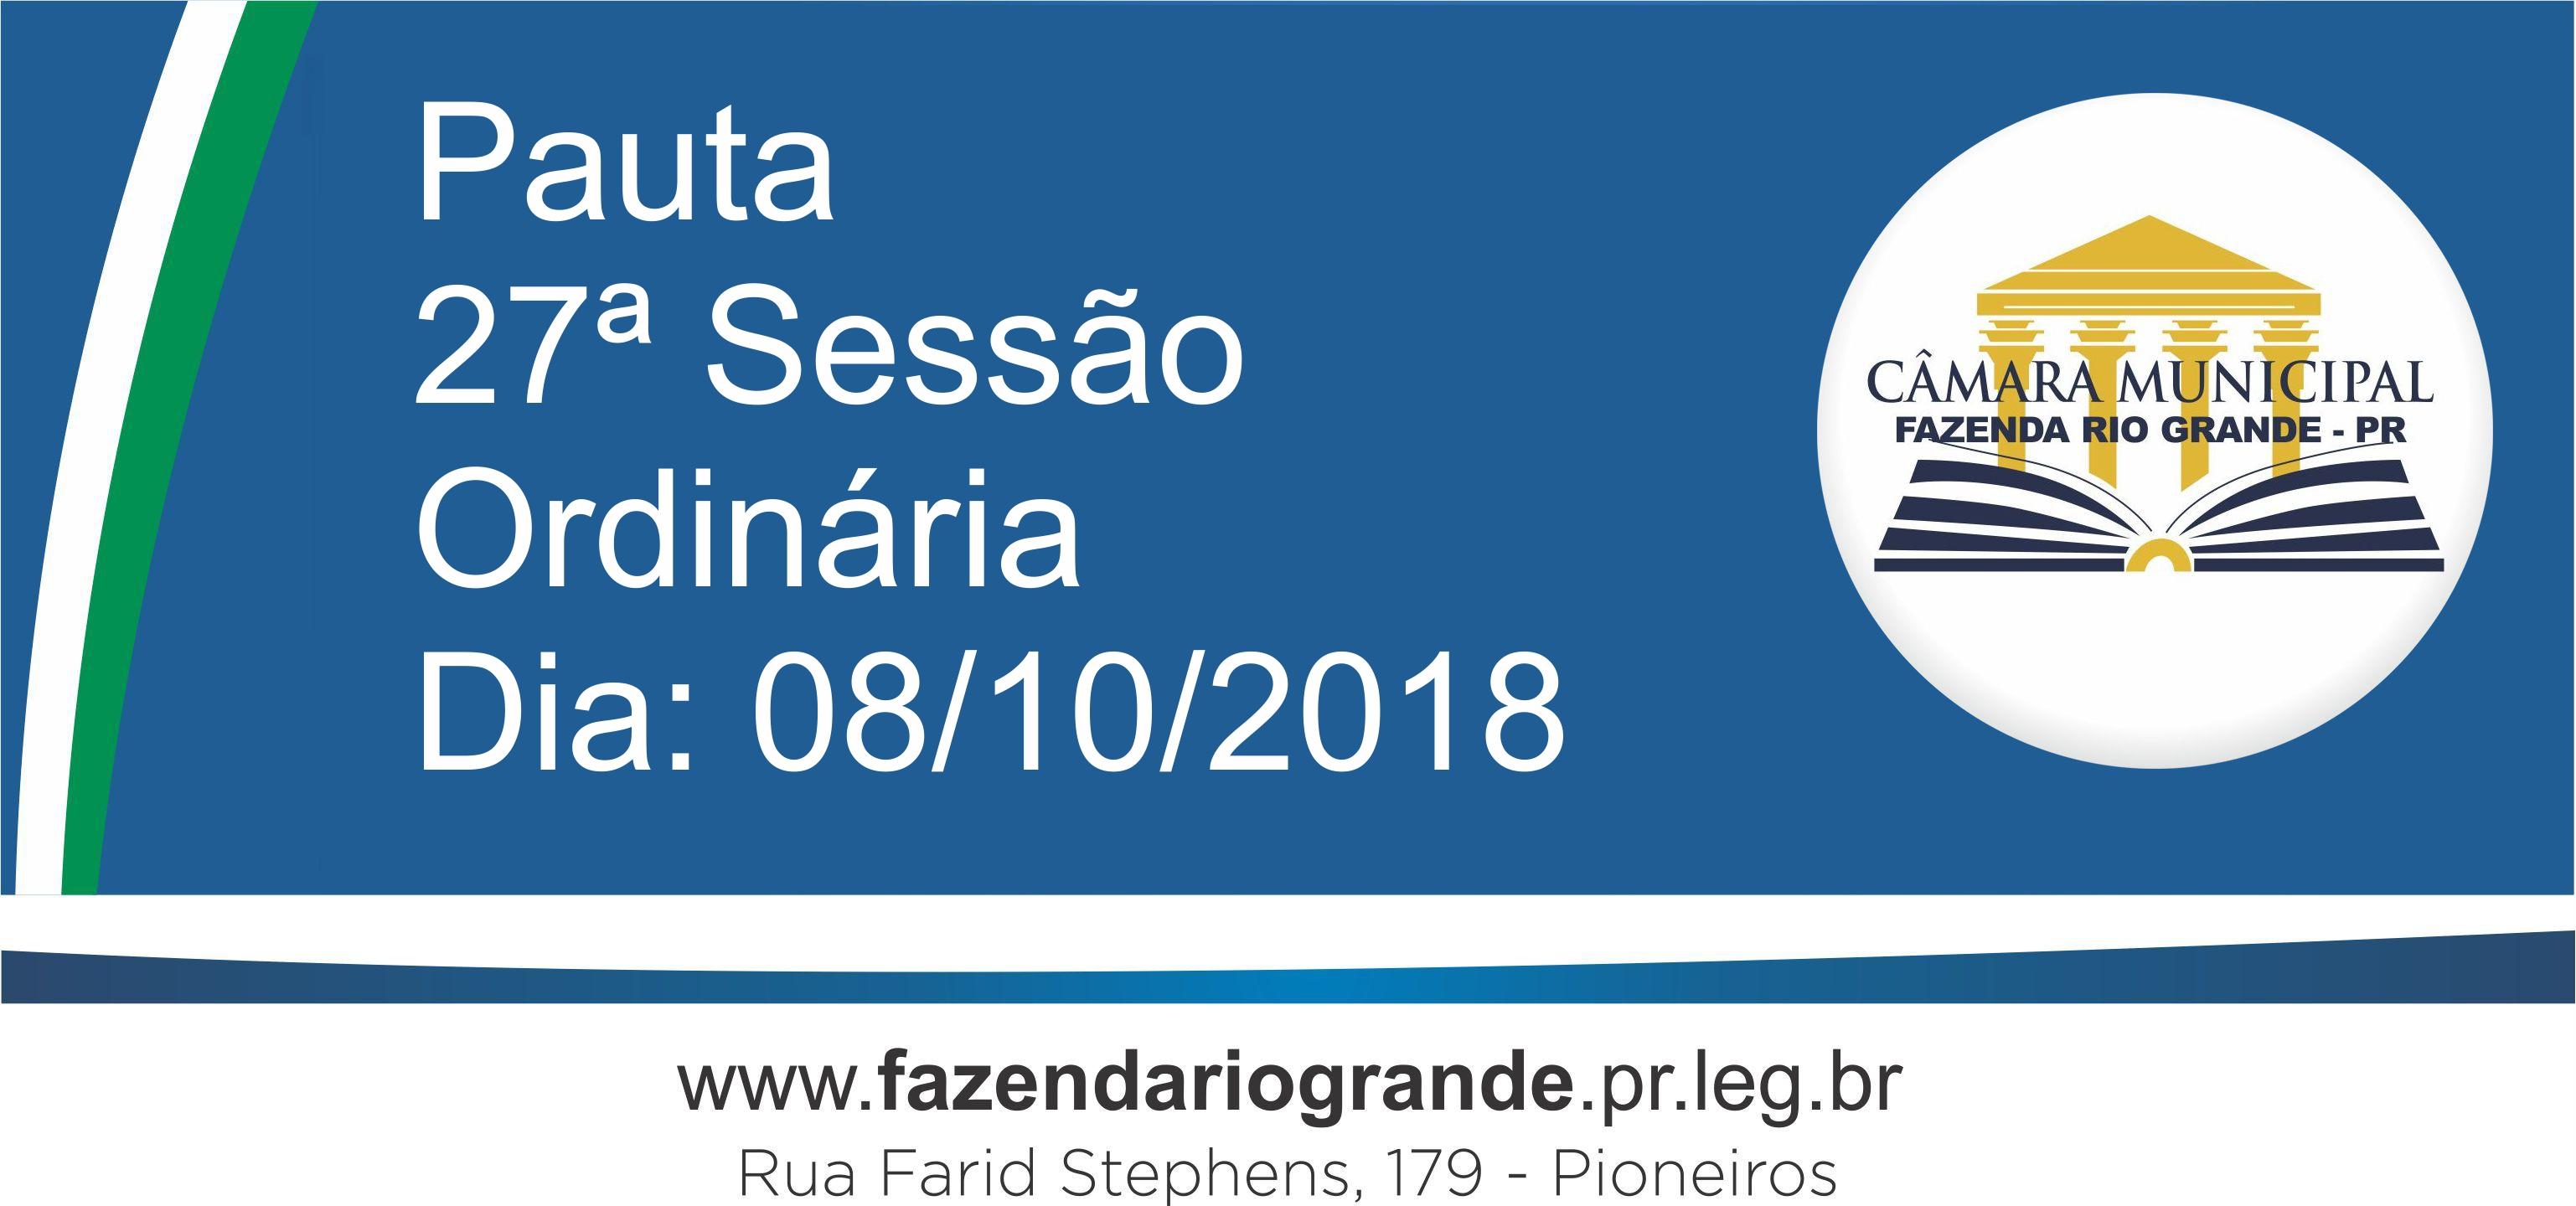 Pauta da 27ª Sessão Ordinária 08/10/2018